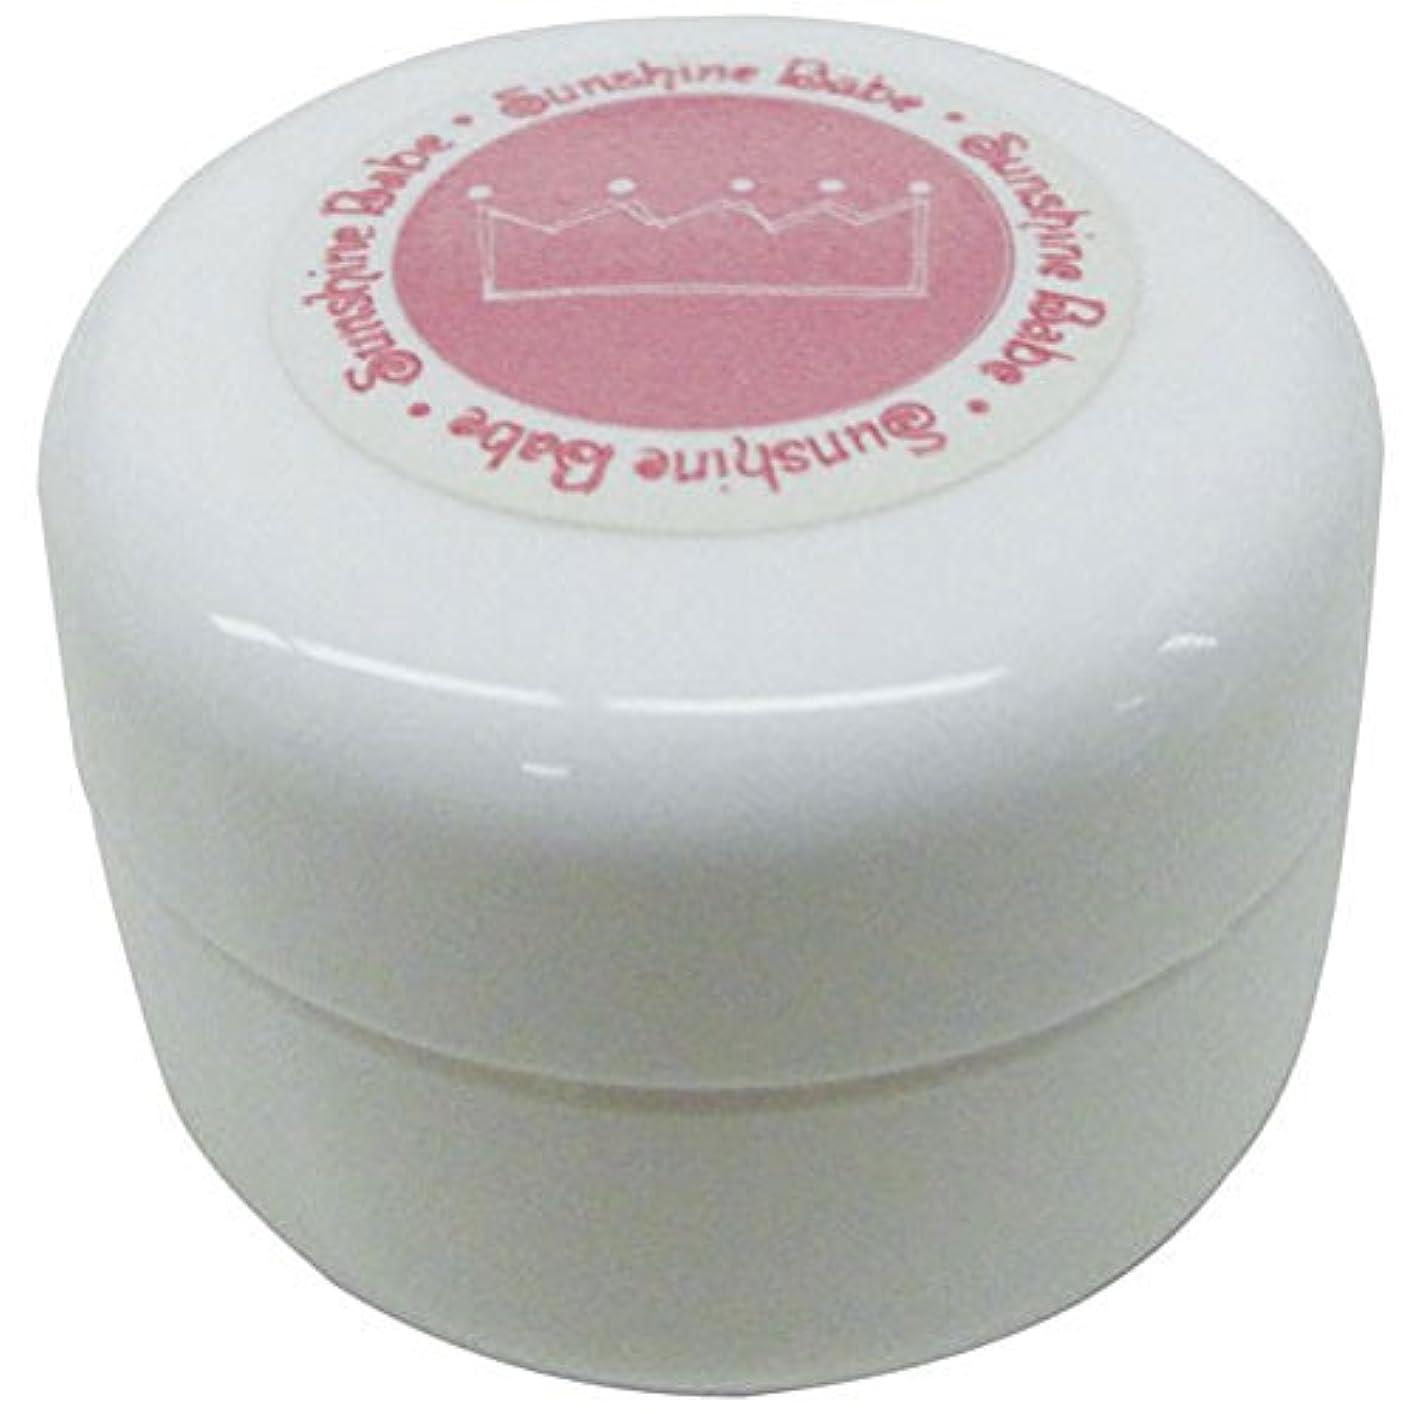 渇き憂鬱な冷蔵庫ジェルネイル  サンシャインベビー クリームジェルポット 10ml